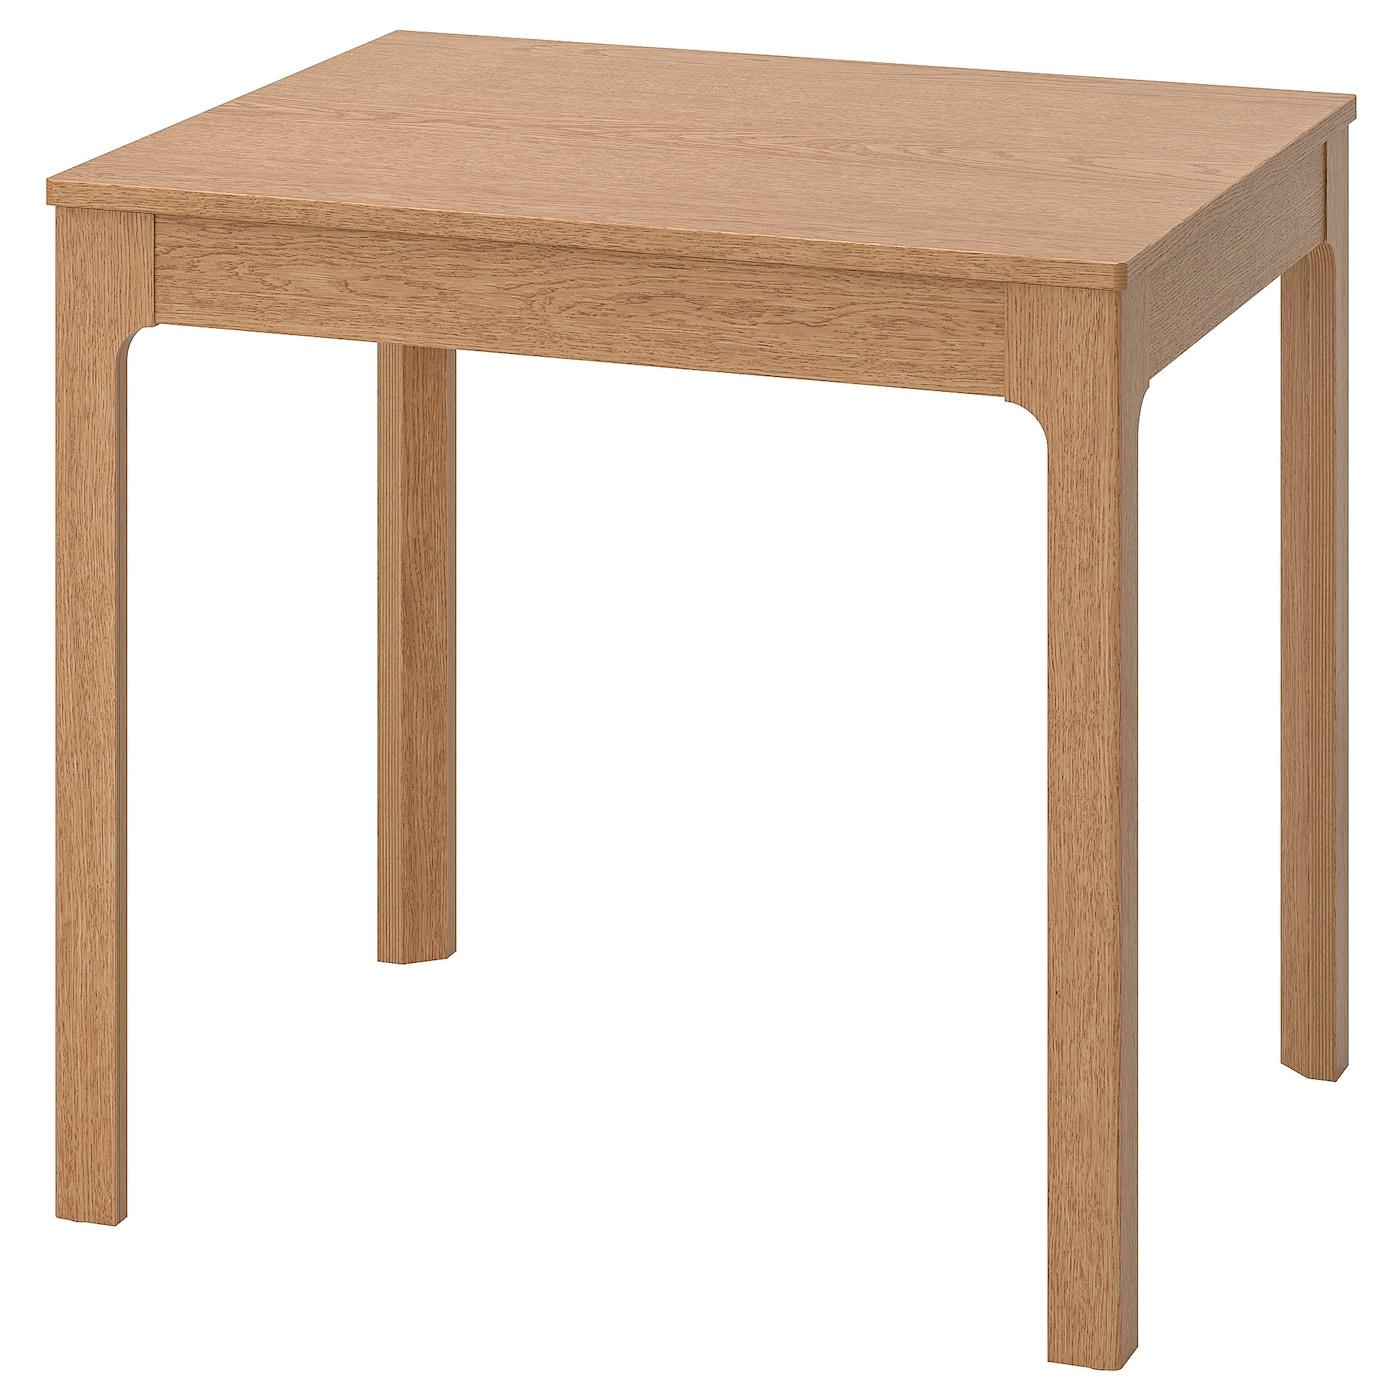 IKEA EKEDALEN dębowy stół rozkładany do jadalni, 80/120x70 cm